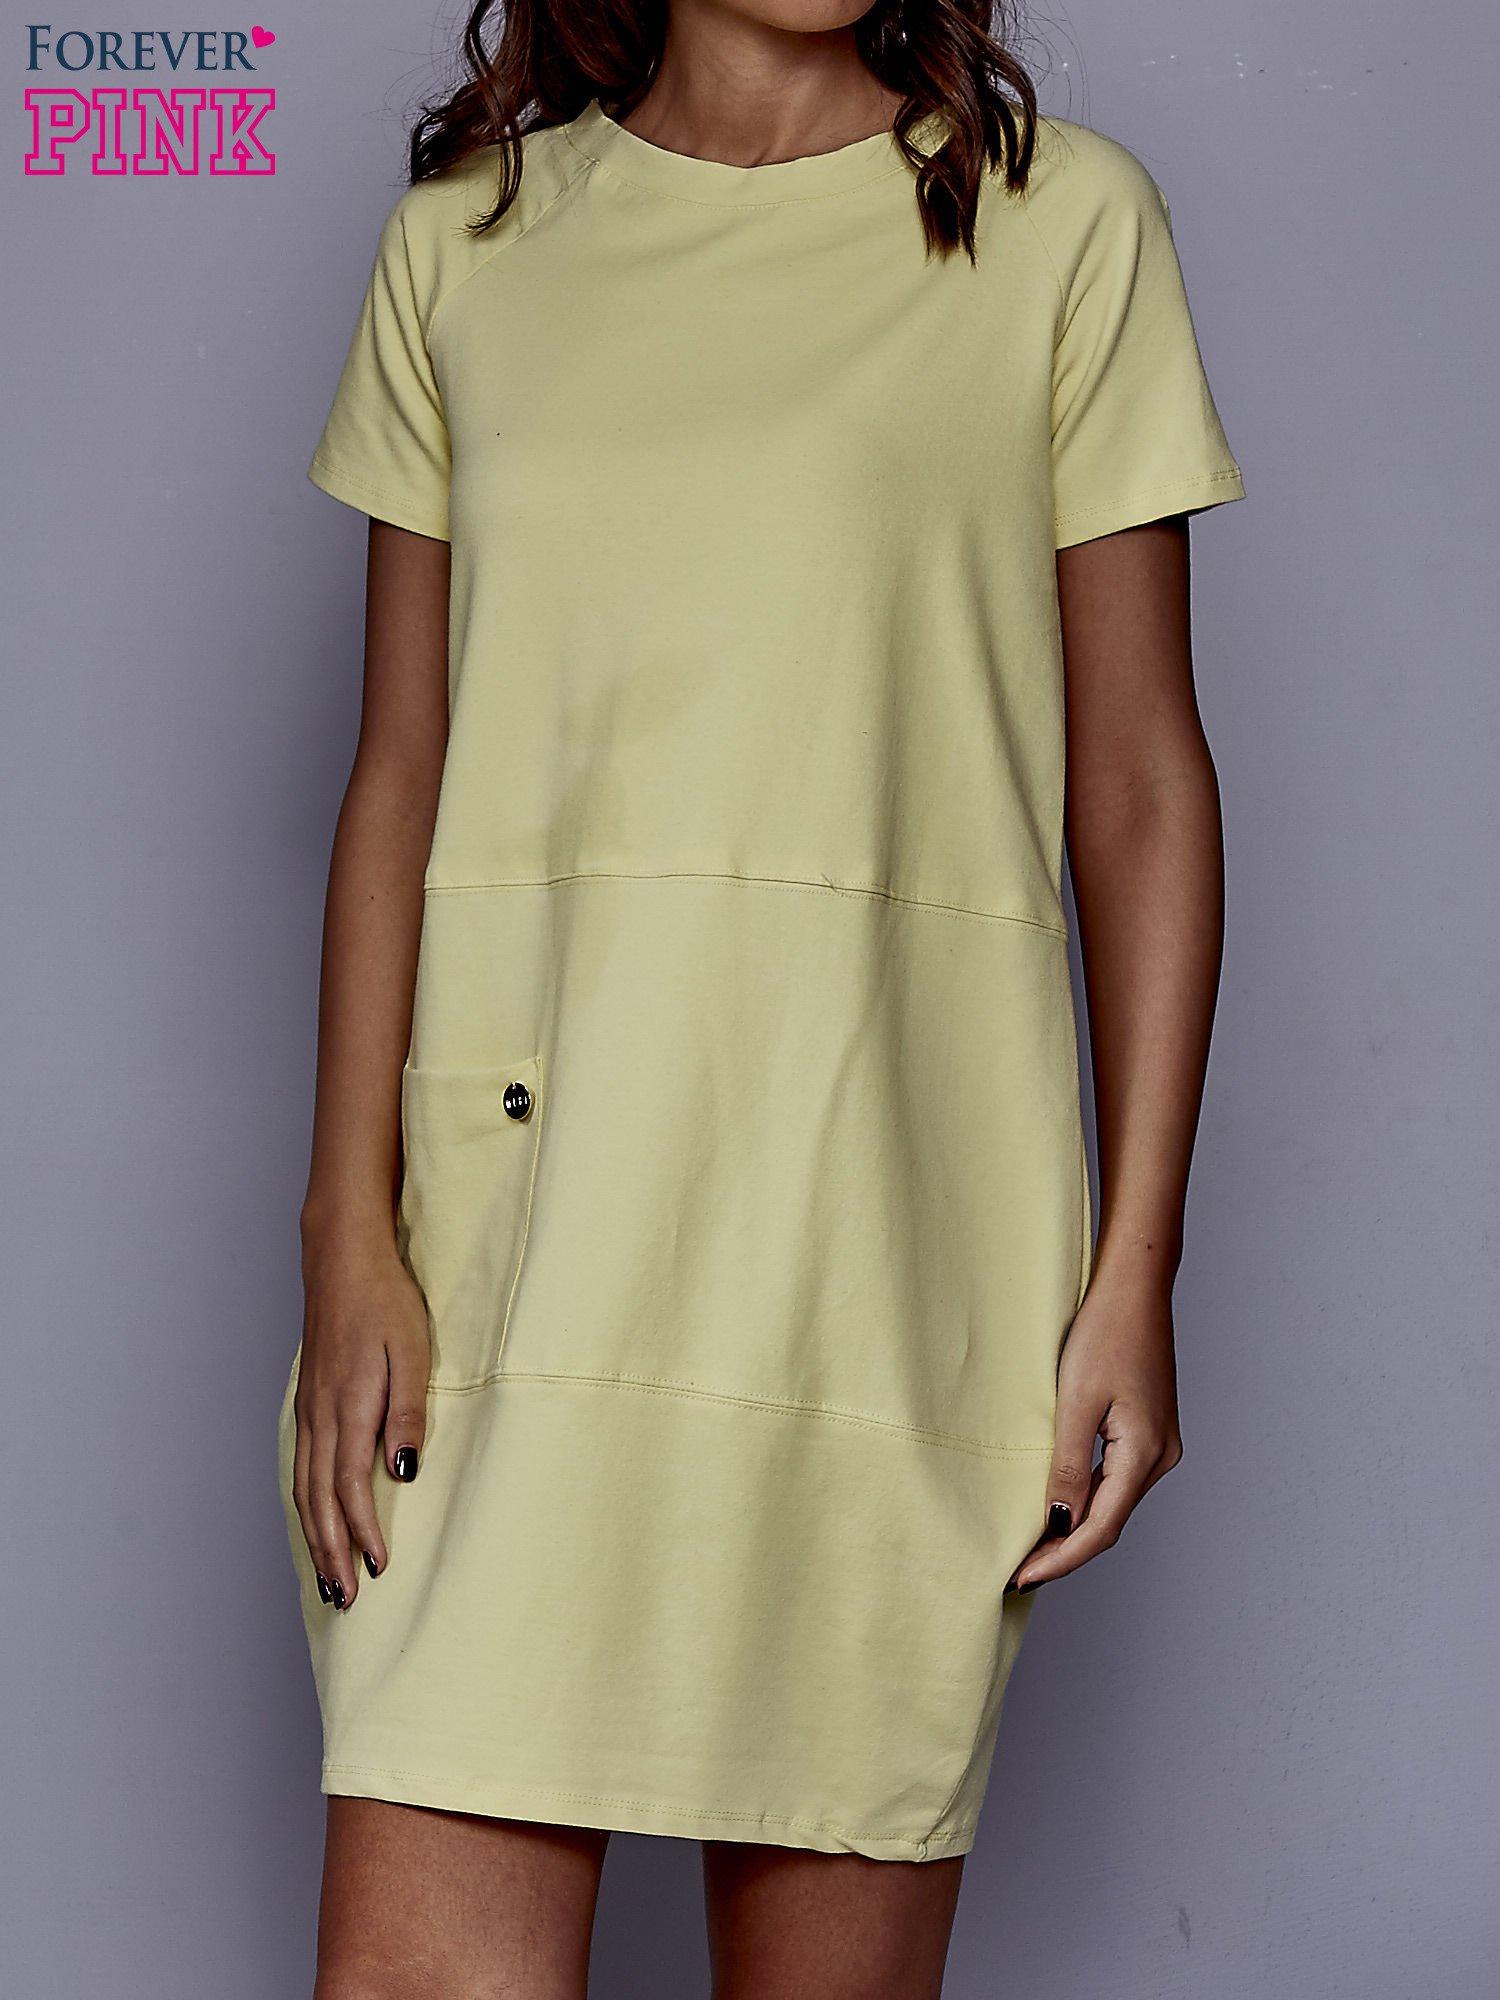 Żółta sukienka dresowa z kieszenią z boku                                  zdj.                                  1